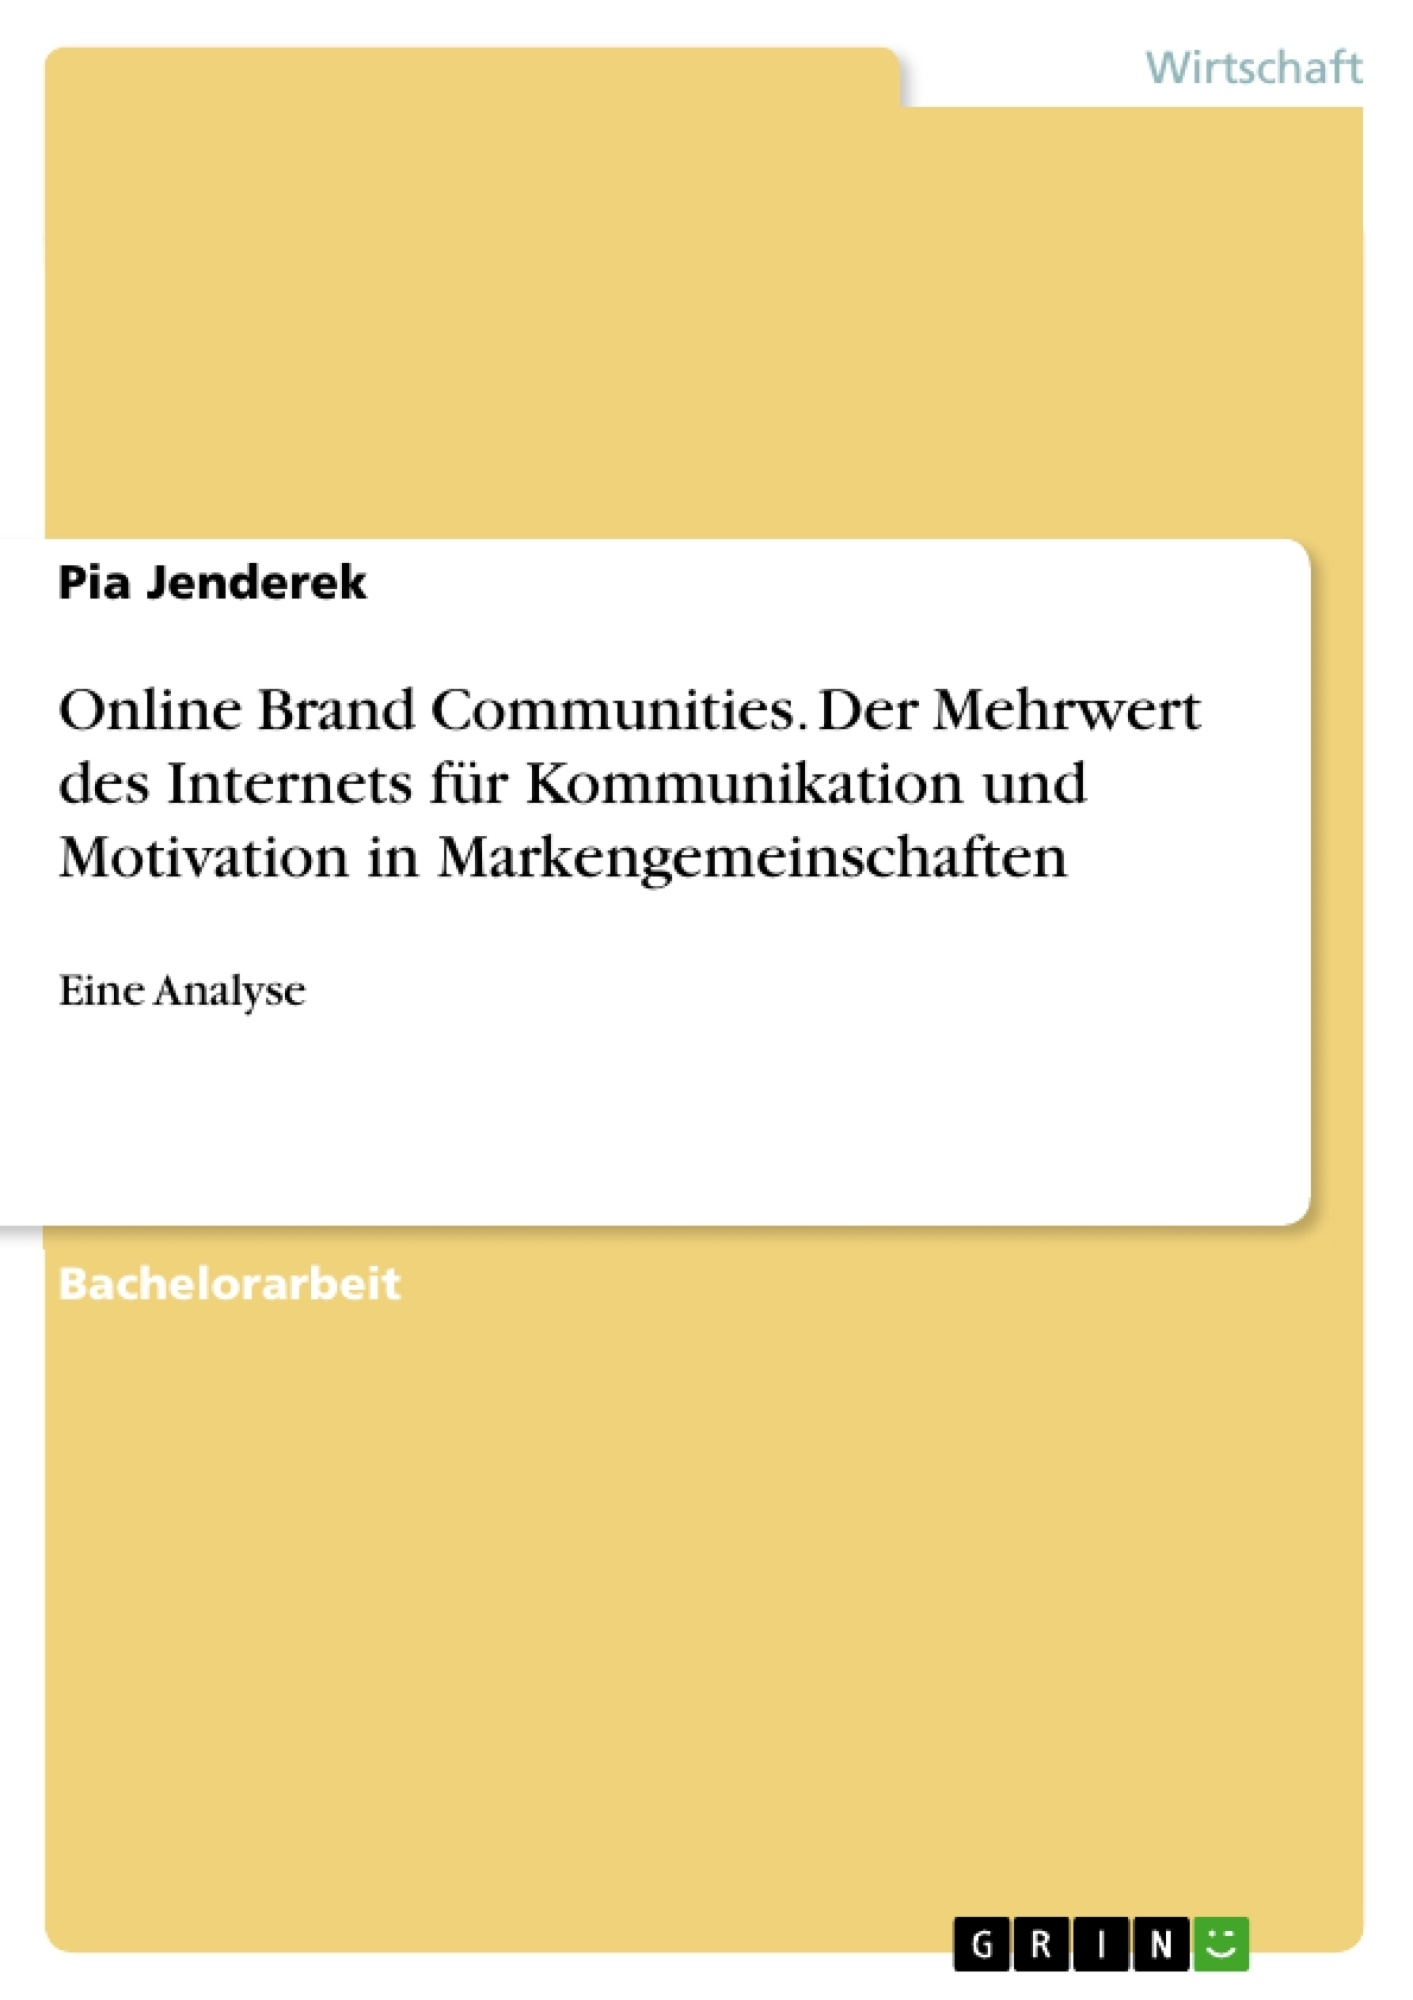 Titel: Online Brand Communities. Der Mehrwert des Internets für Kommunikation und Motivation in Markengemeinschaften